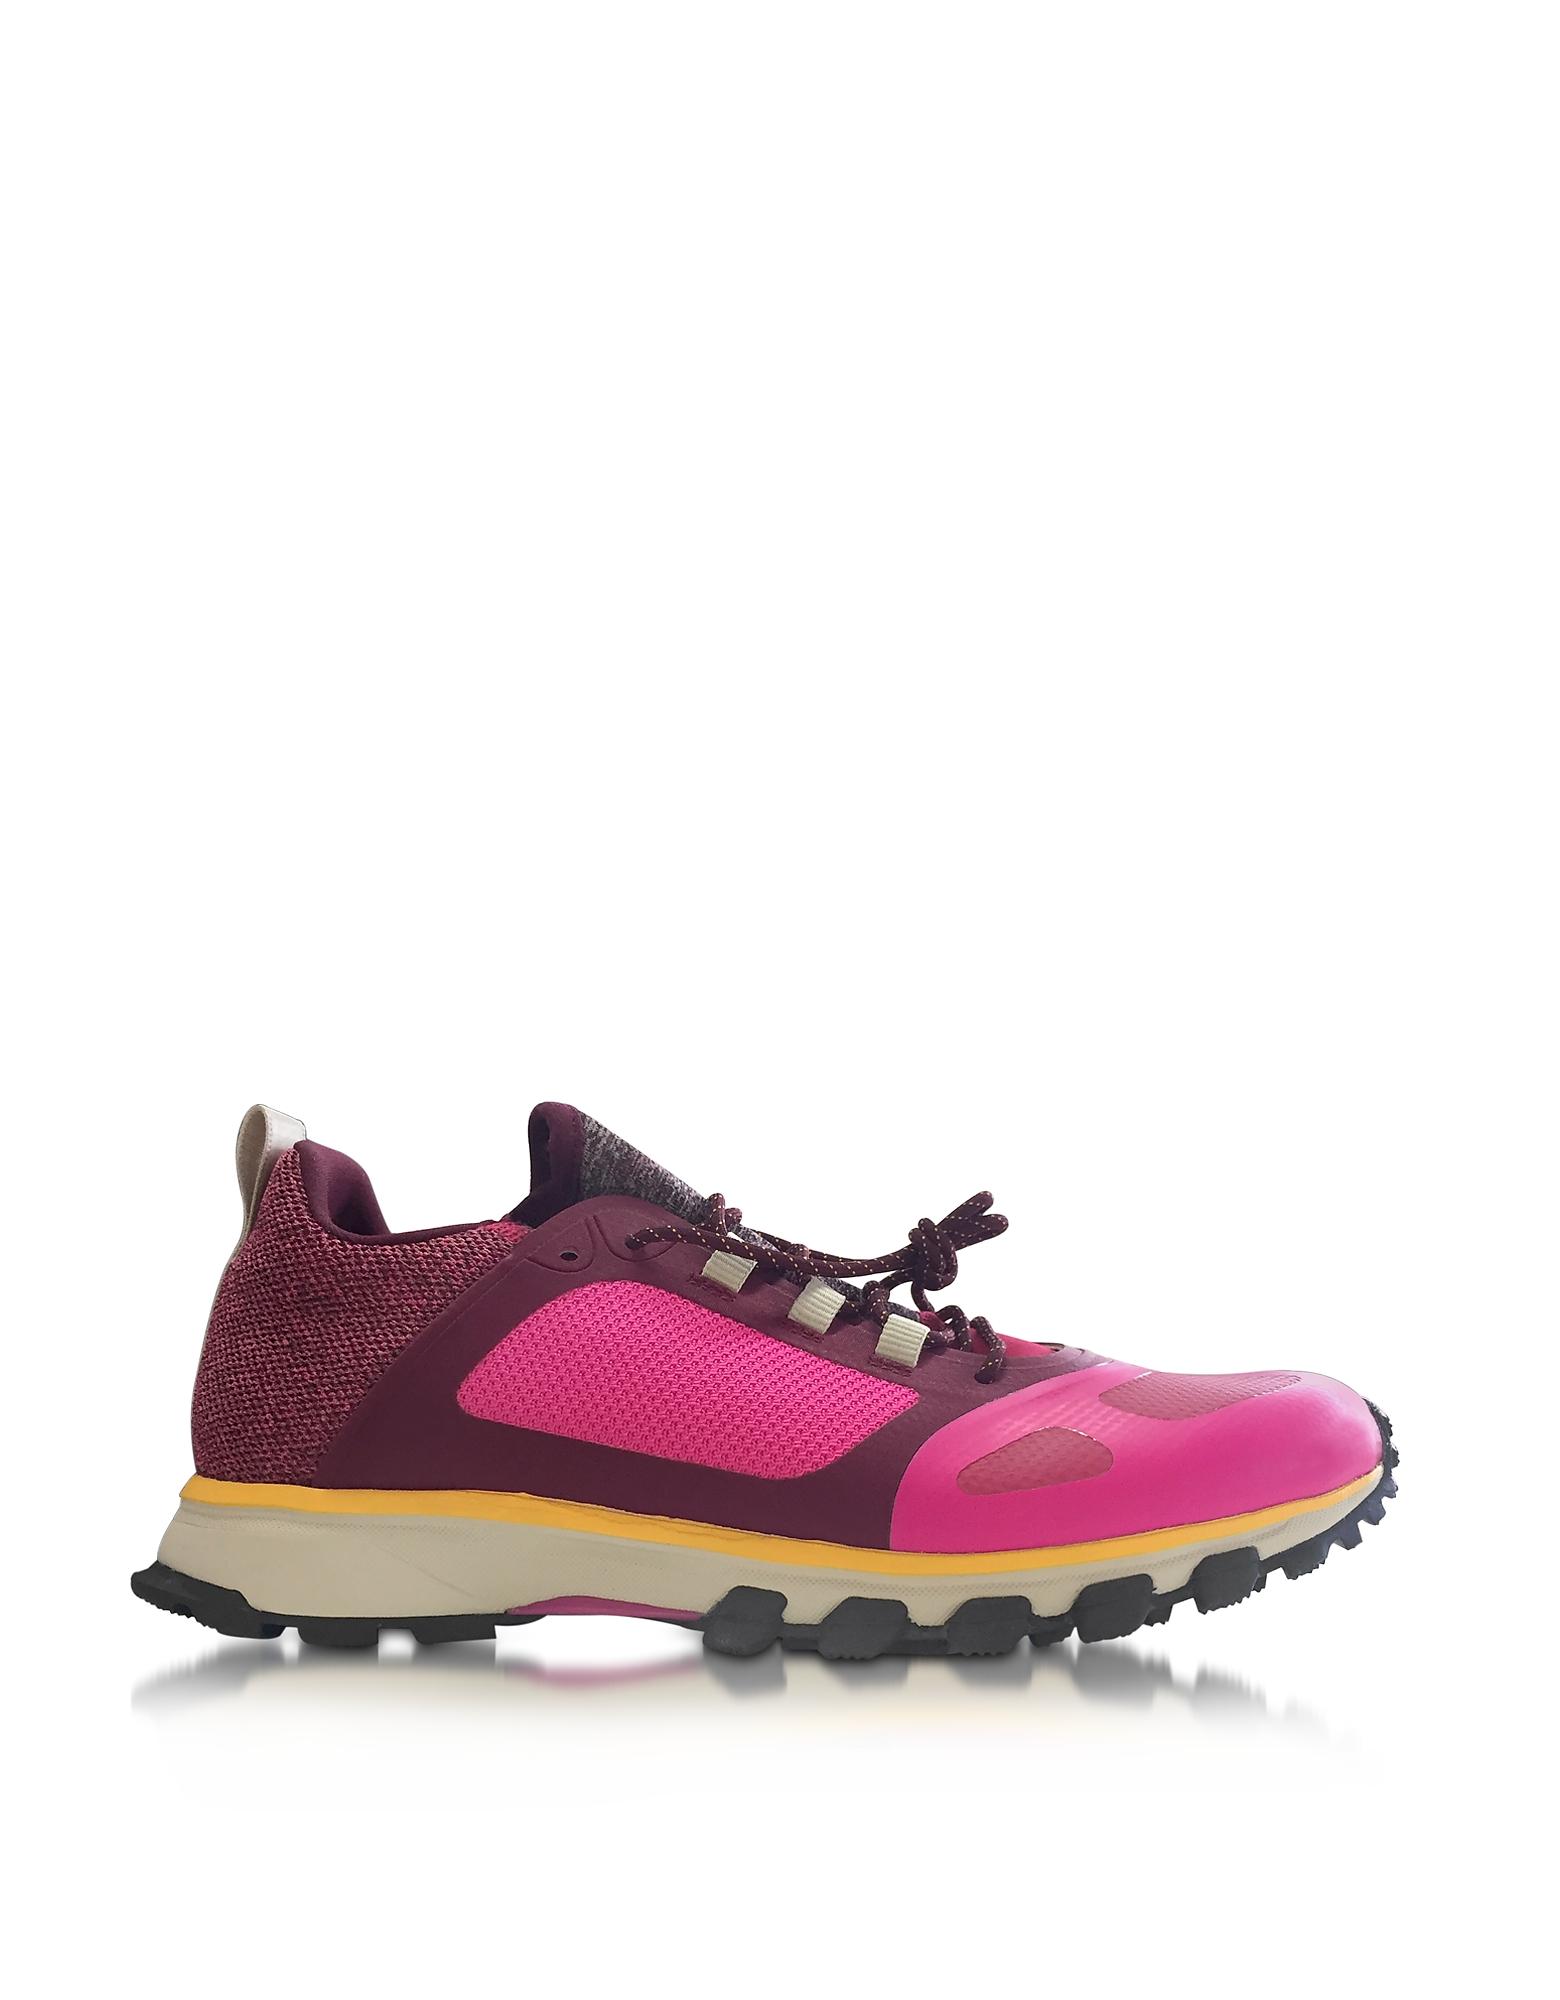 Adidas Stella McCartney Adizero XT - Ярко-Розовые и Рубиново-Красные Женские Кеды